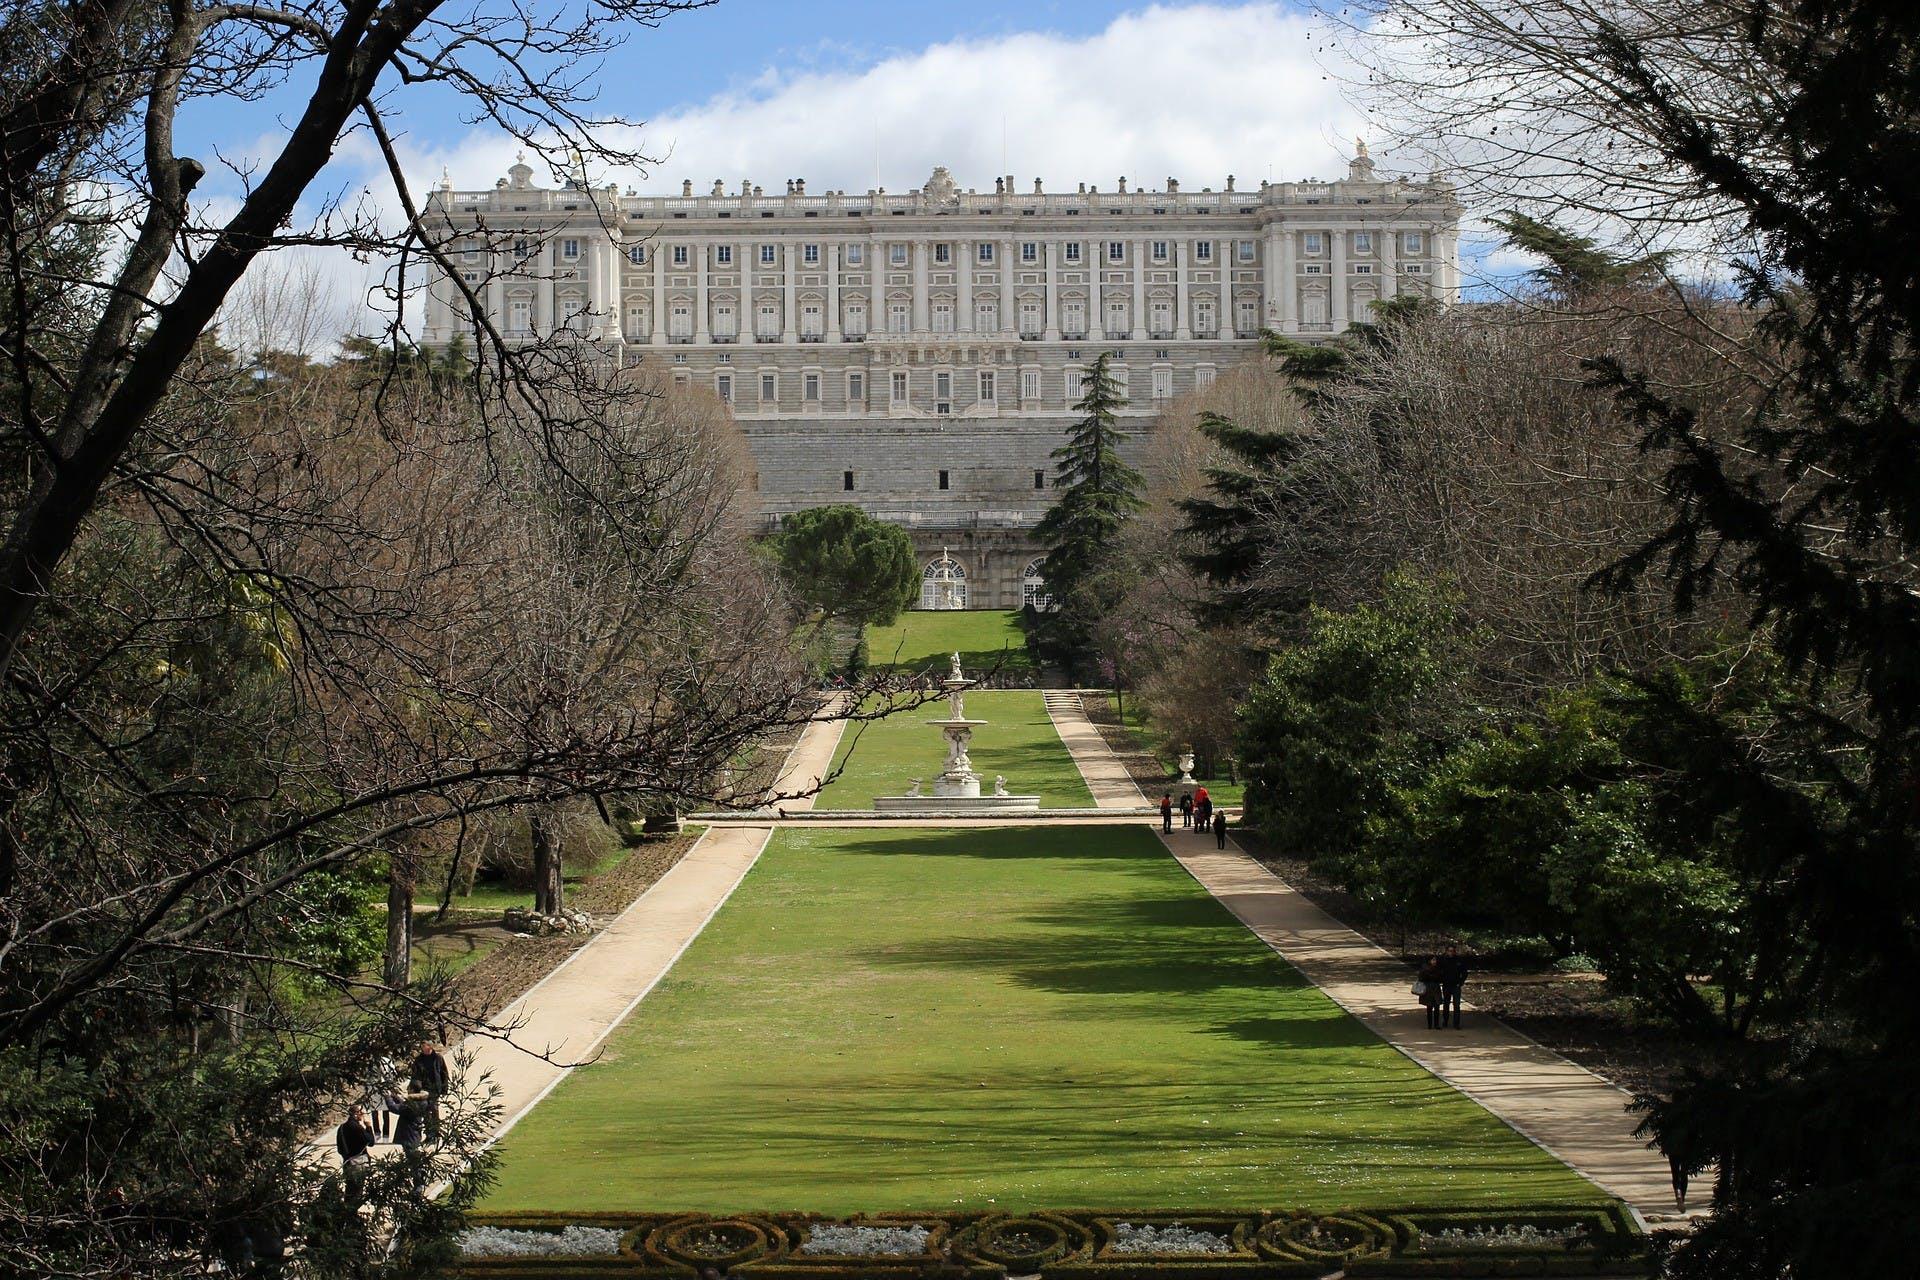 Palacio Real de Madrid skip the line entradas y tour con un guía experto-3